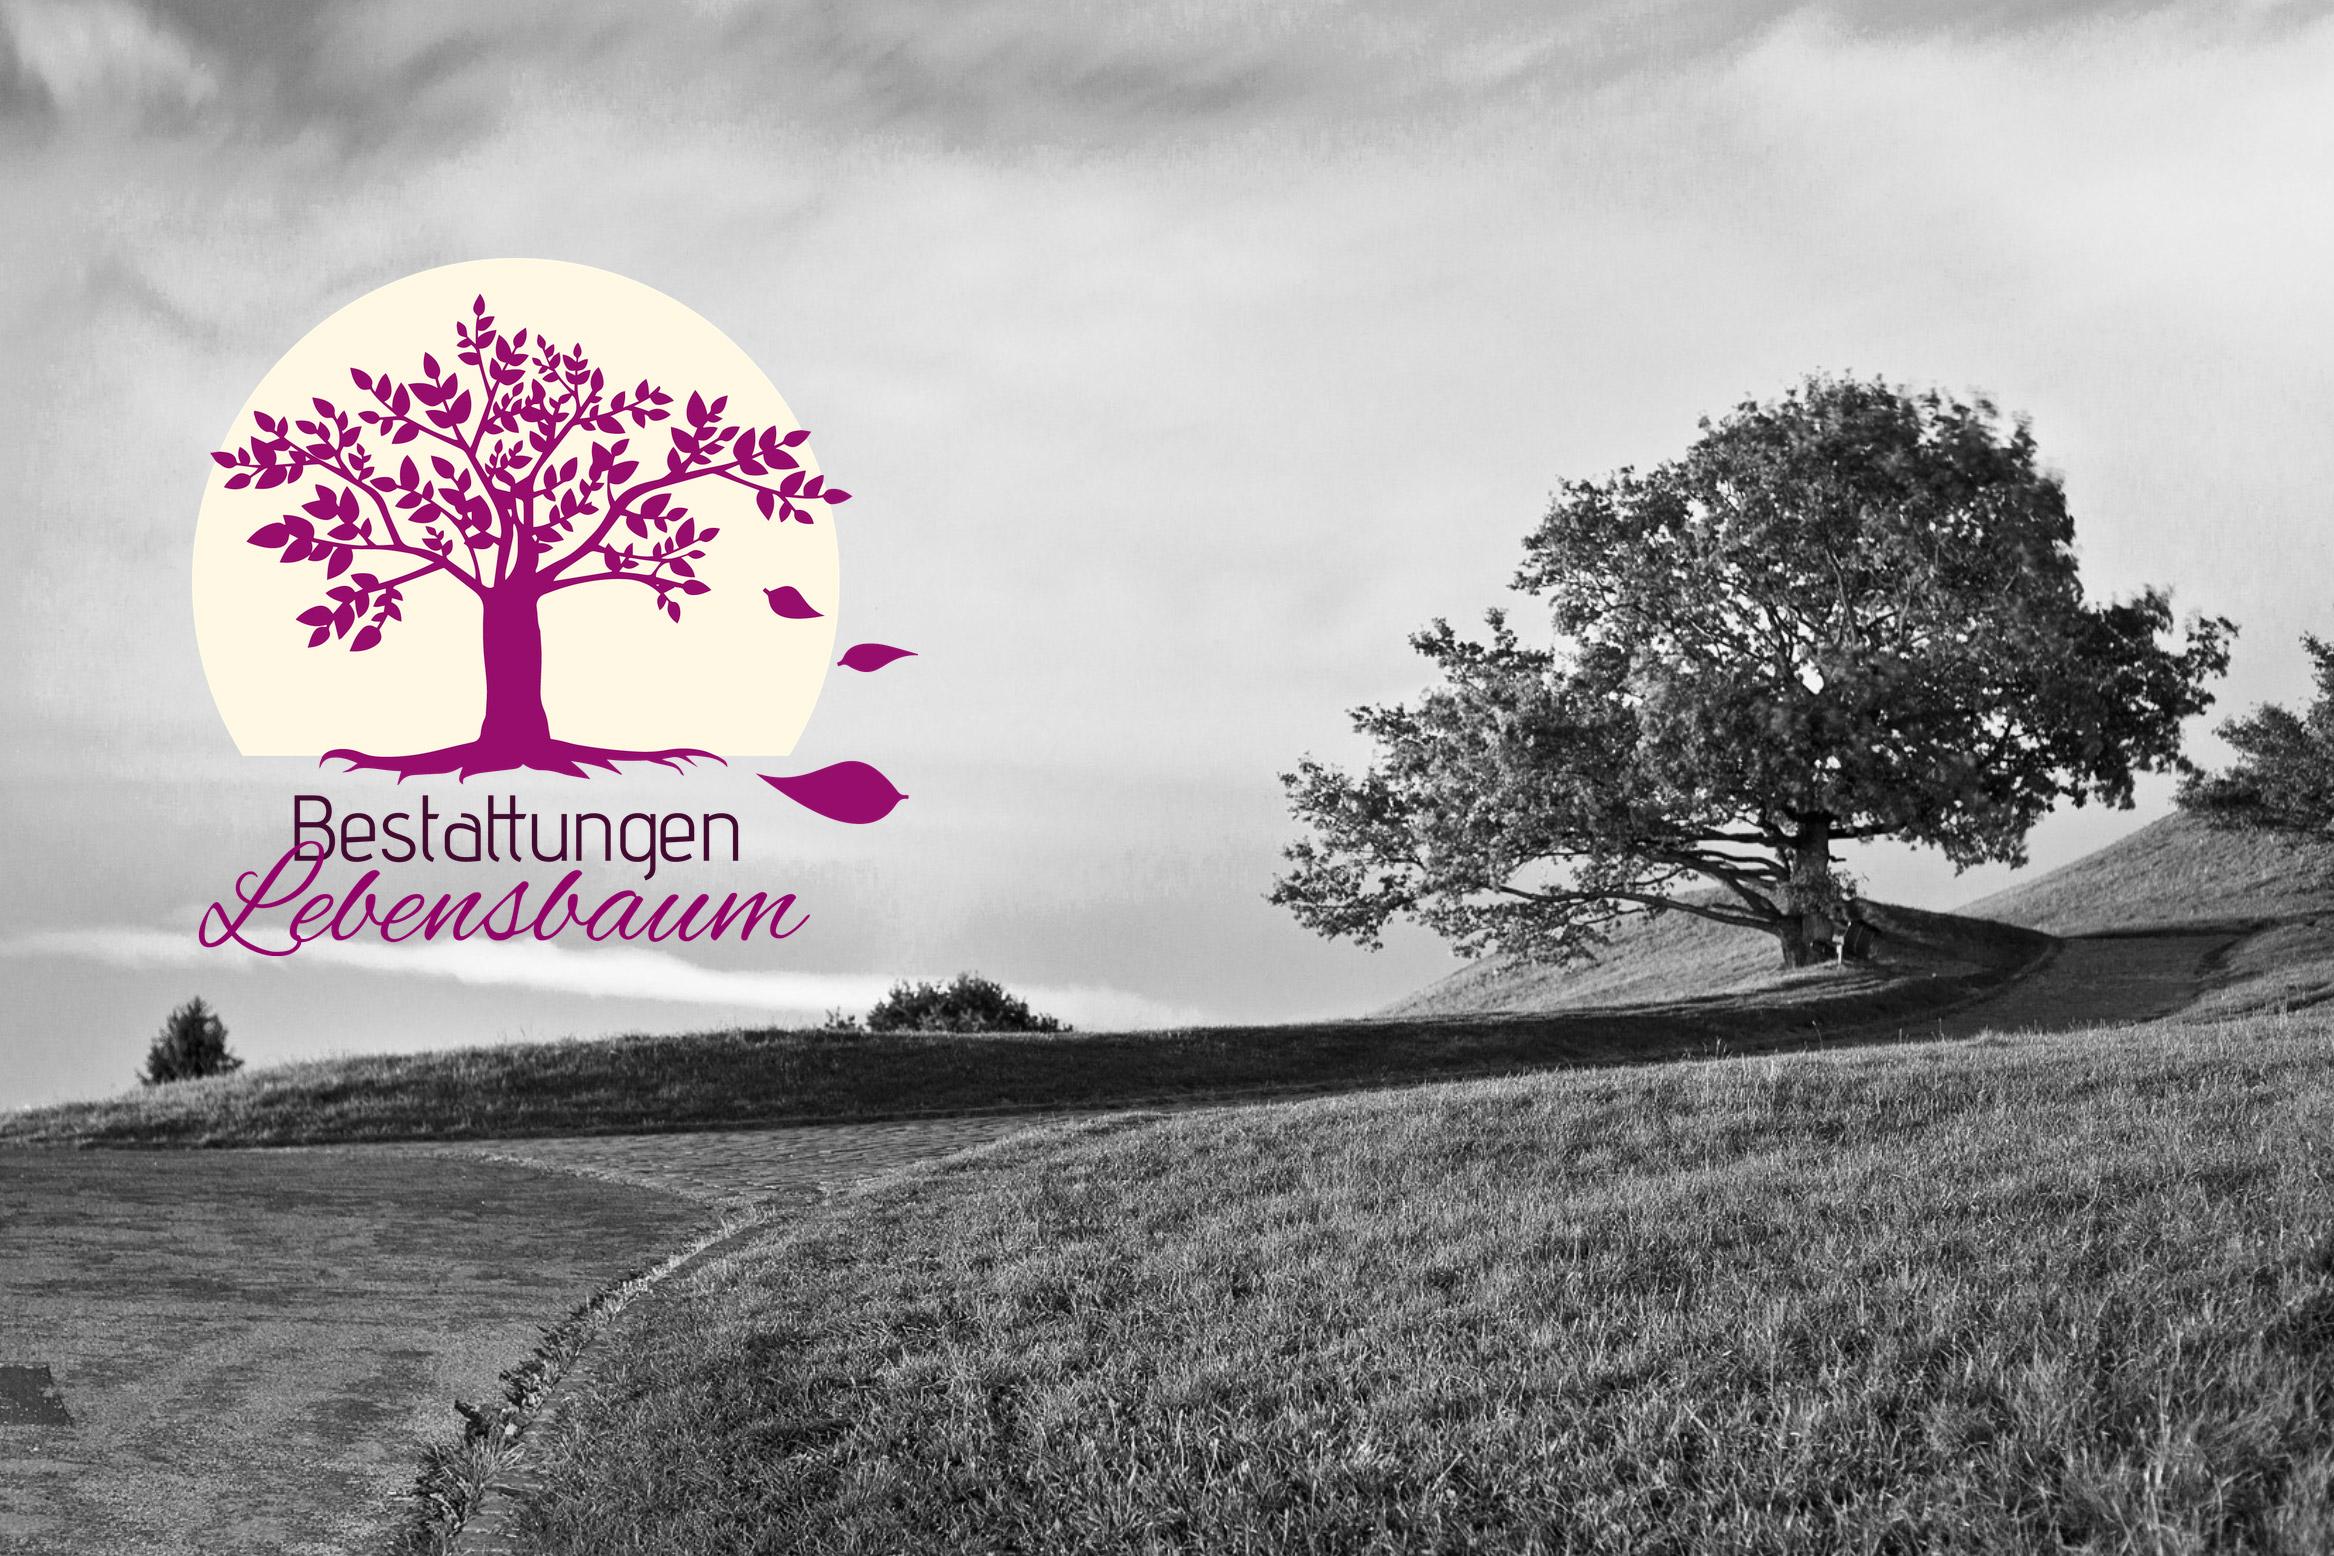 Bestattungen Lebensbaum